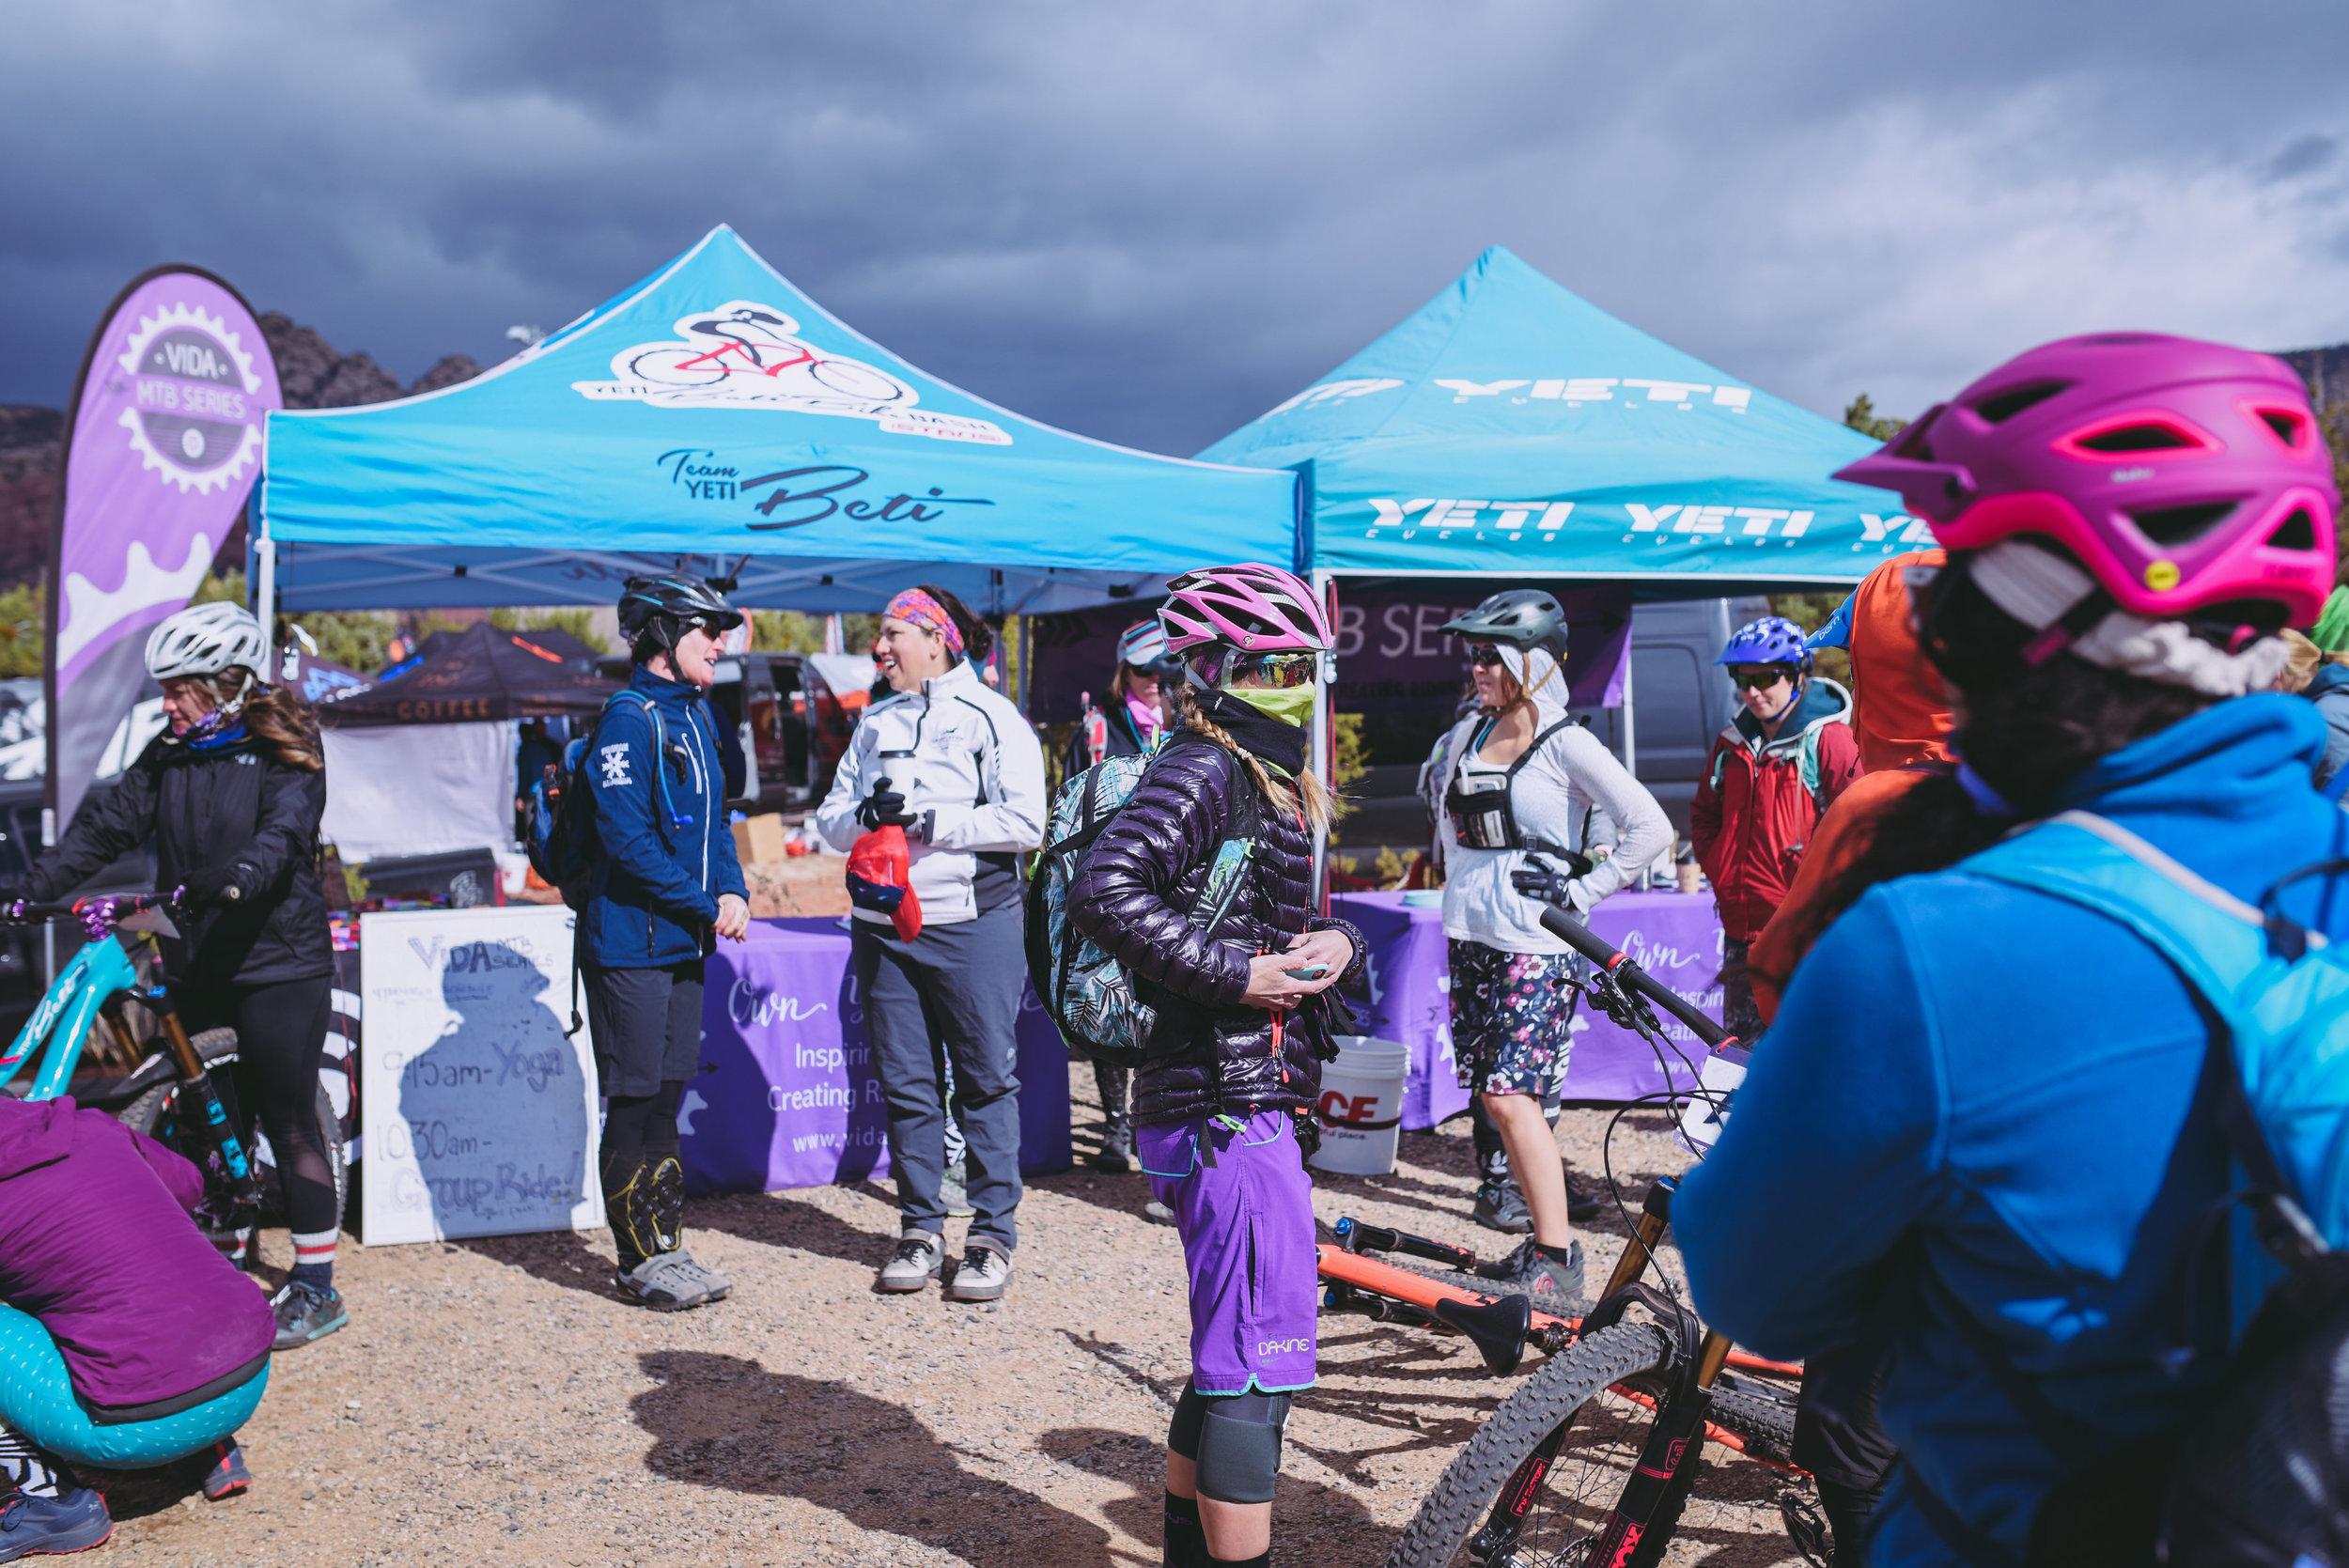 sedona-mountain-bike-festival-vida-ladies-jmostudio-1.jpg